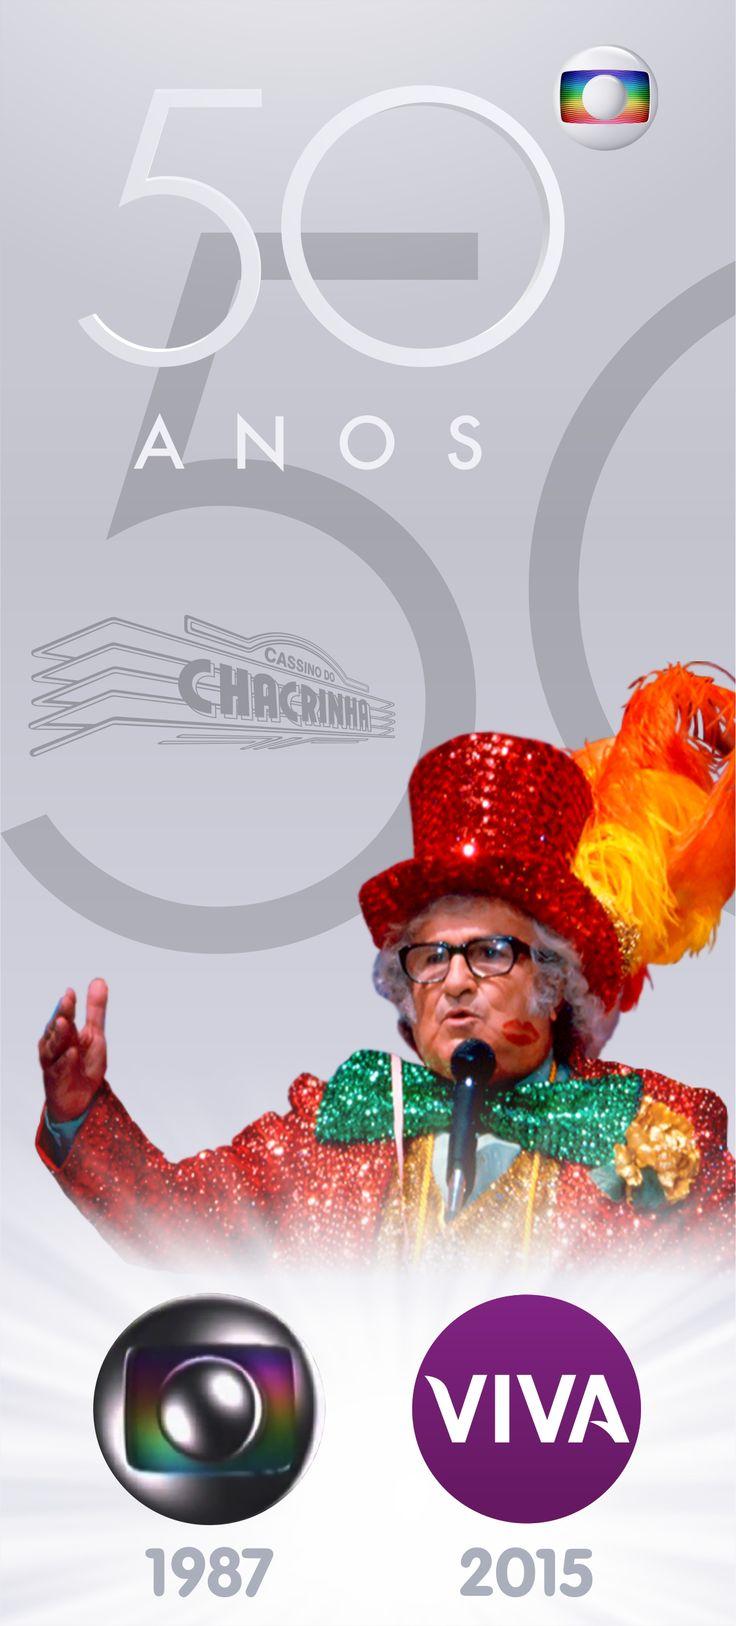 Cassino do Chacrinha - Globo 50 Anos - Canal Viva